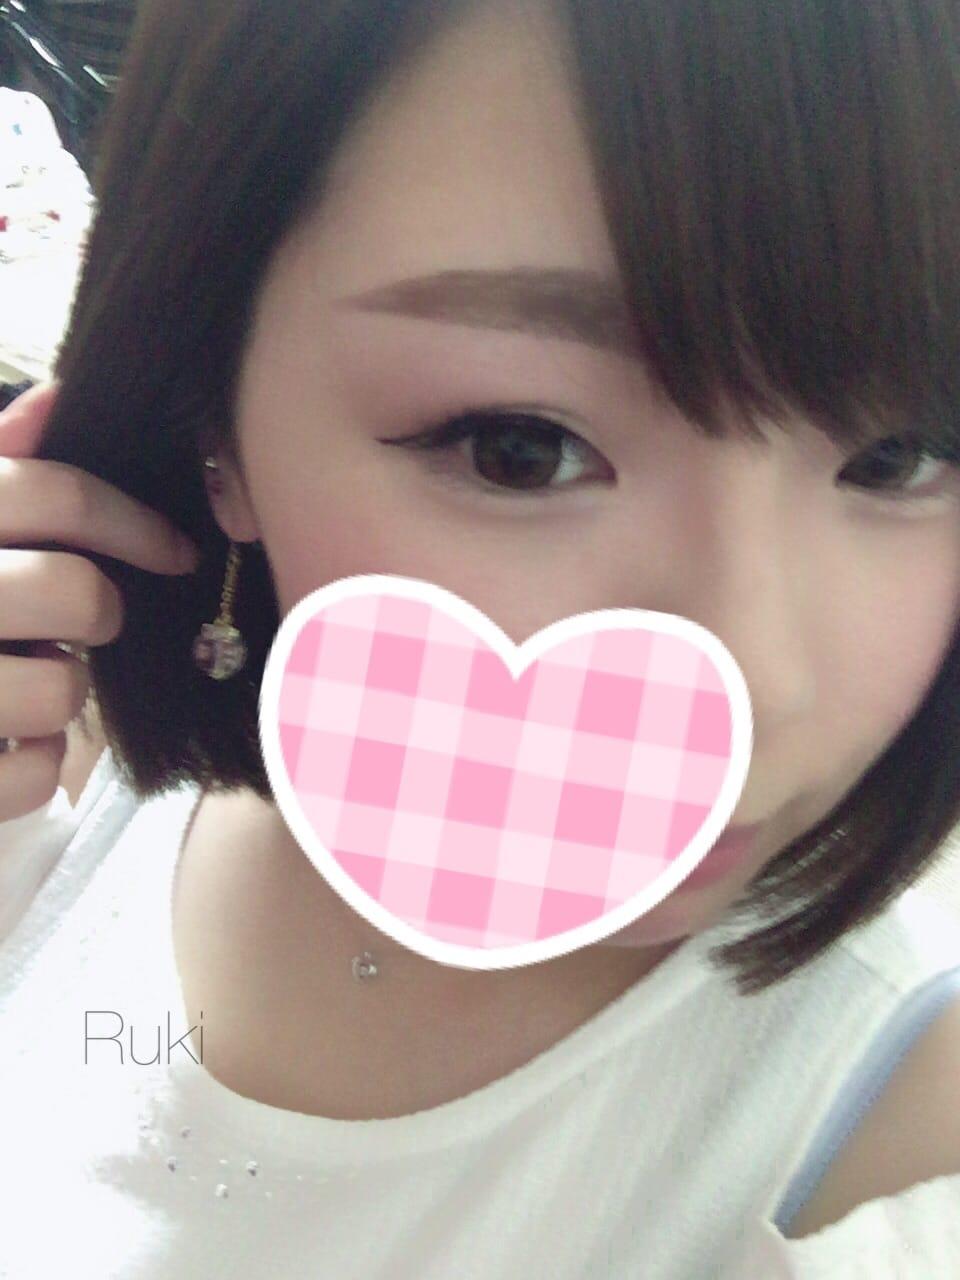 るき 癒し系HカップGIRL「出勤♡」09/23(土) 19:02 | るき 癒し系HカップGIRLの写メ・風俗動画